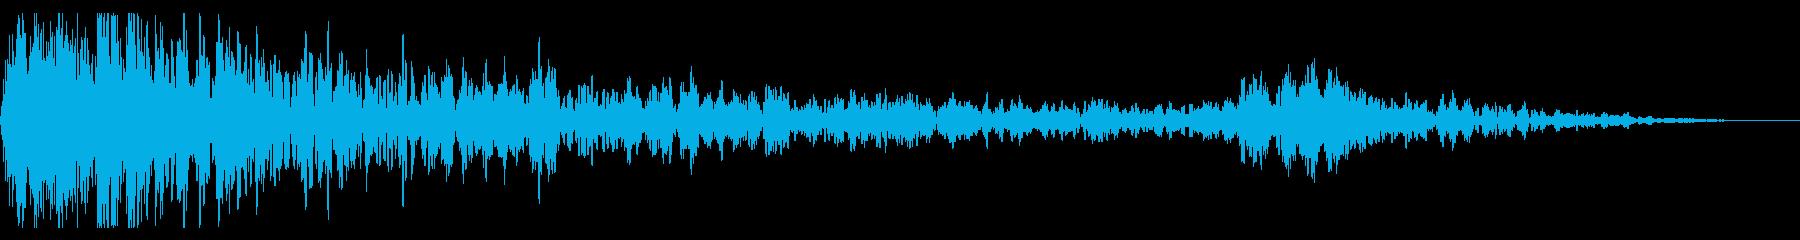 スペースインベーダーヒットの再生済みの波形